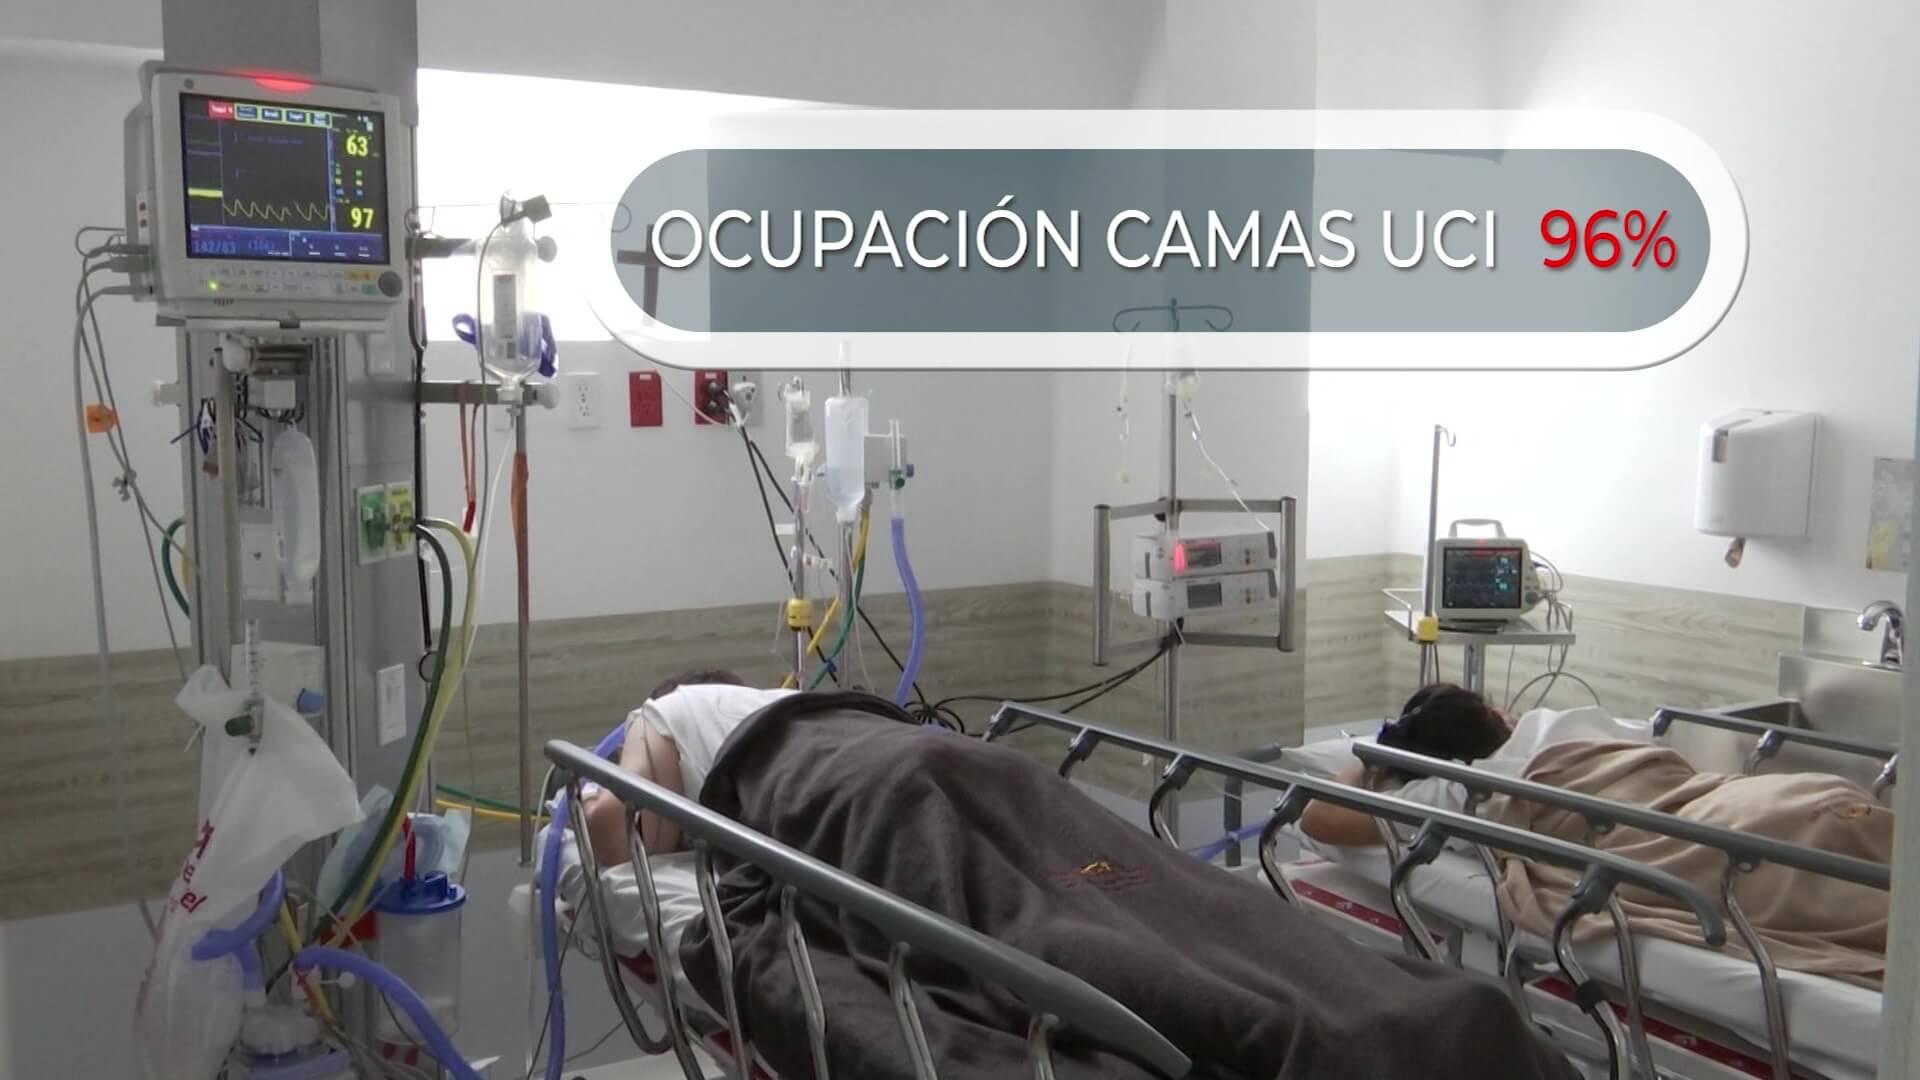 180 pacientes están esperando traslado a cama UCI